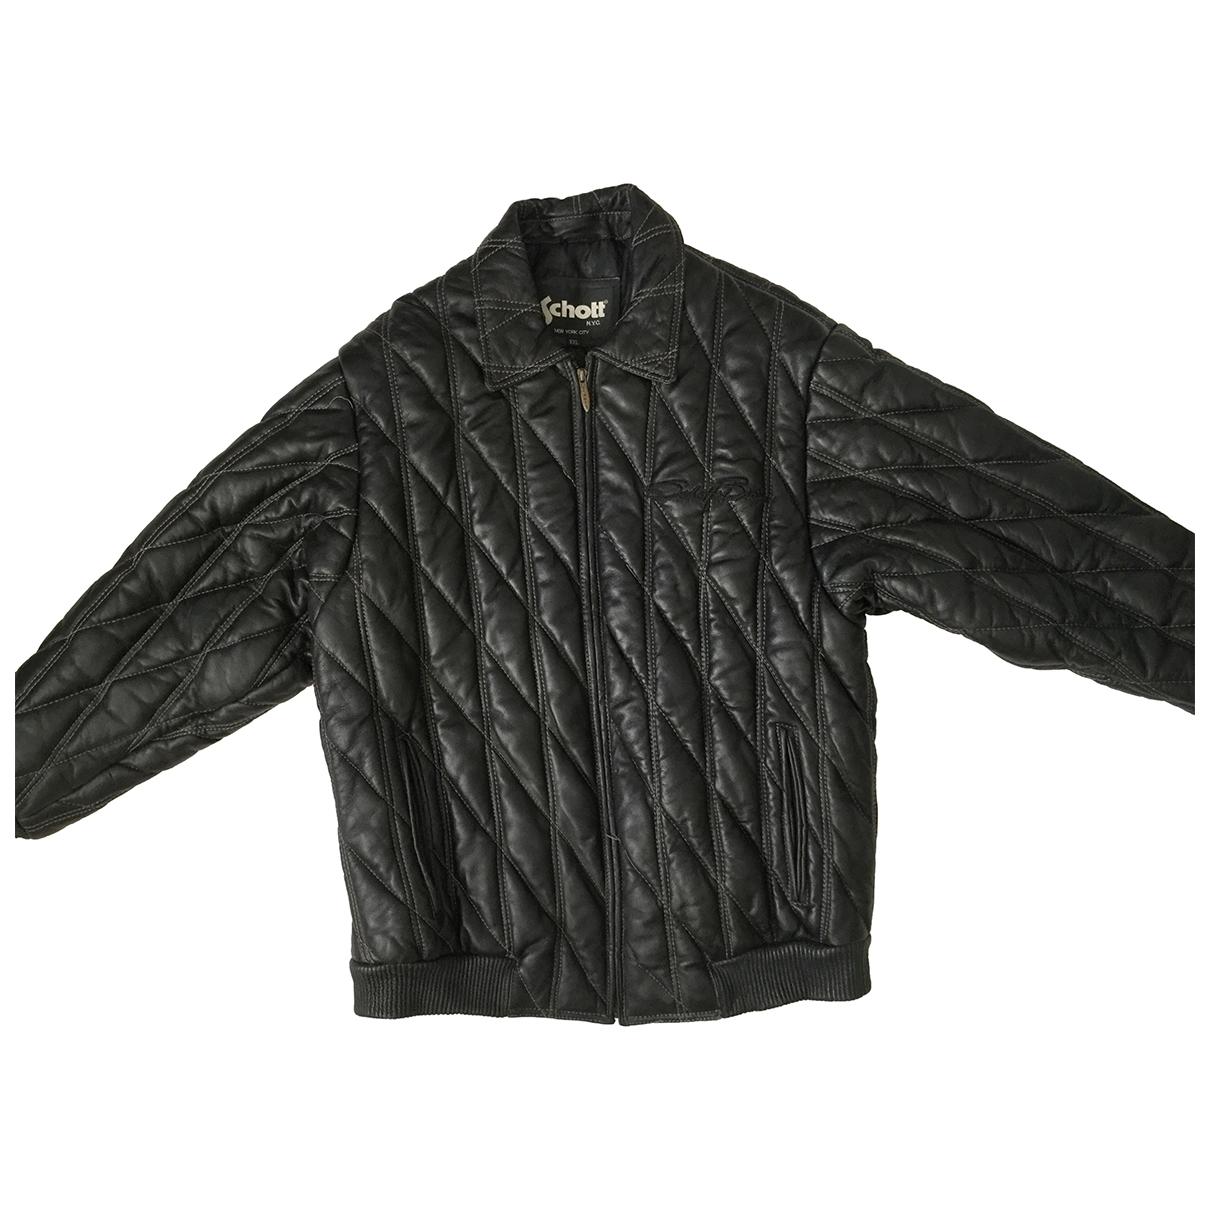 Schott - Vestes.Blousons   pour homme en cuir - noir